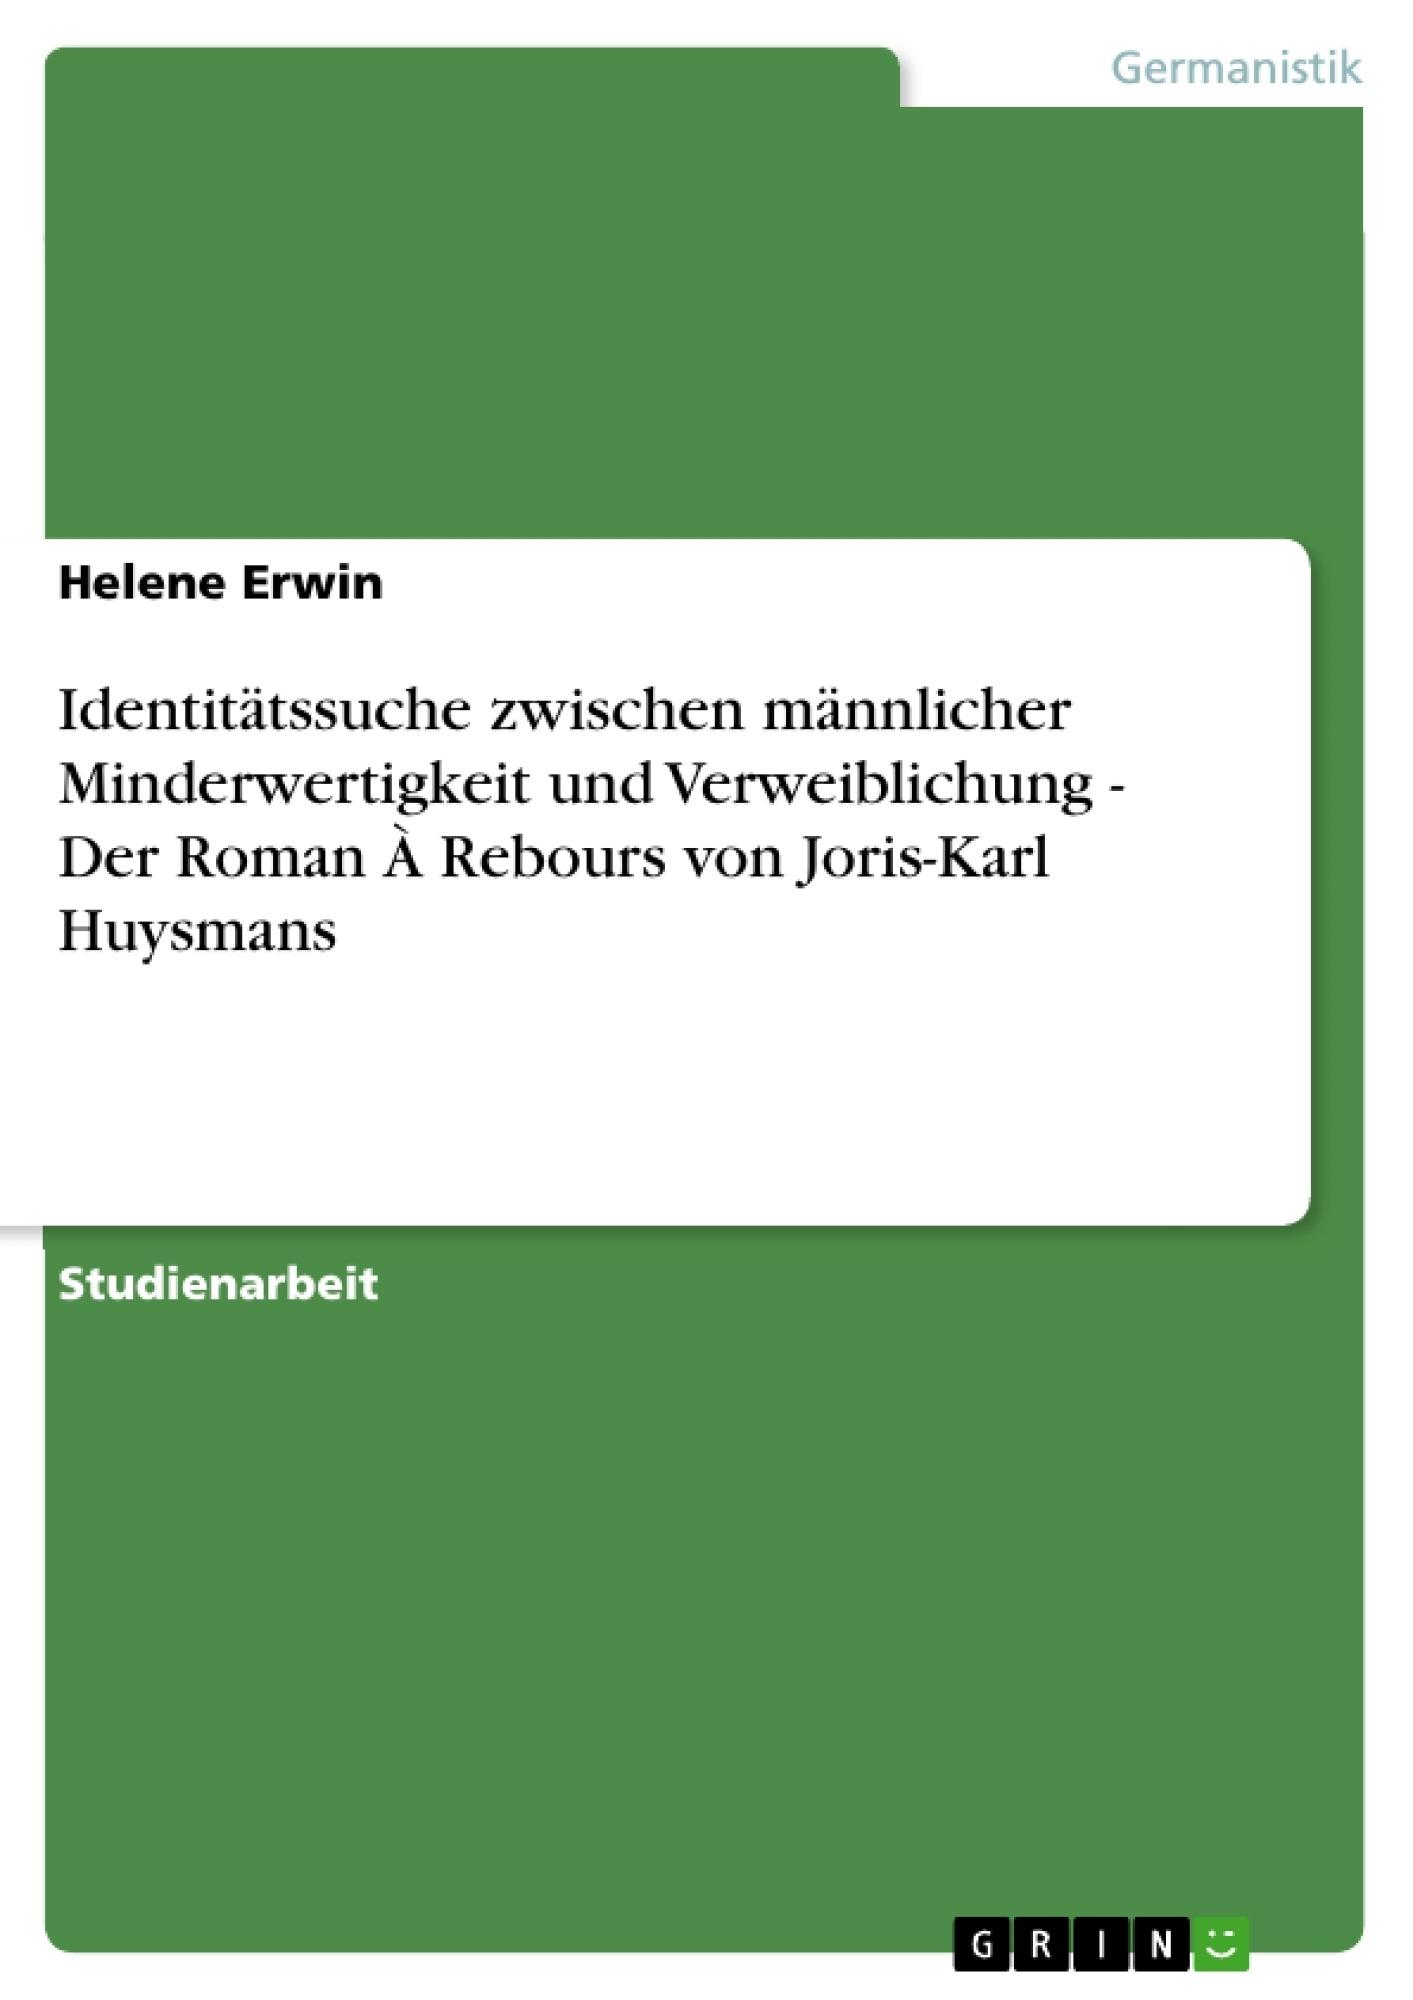 Titel: Identitätssuche zwischen männlicher Minderwertigkeit und Verweiblichung -  Der Roman À Rebours von Joris-Karl Huysmans